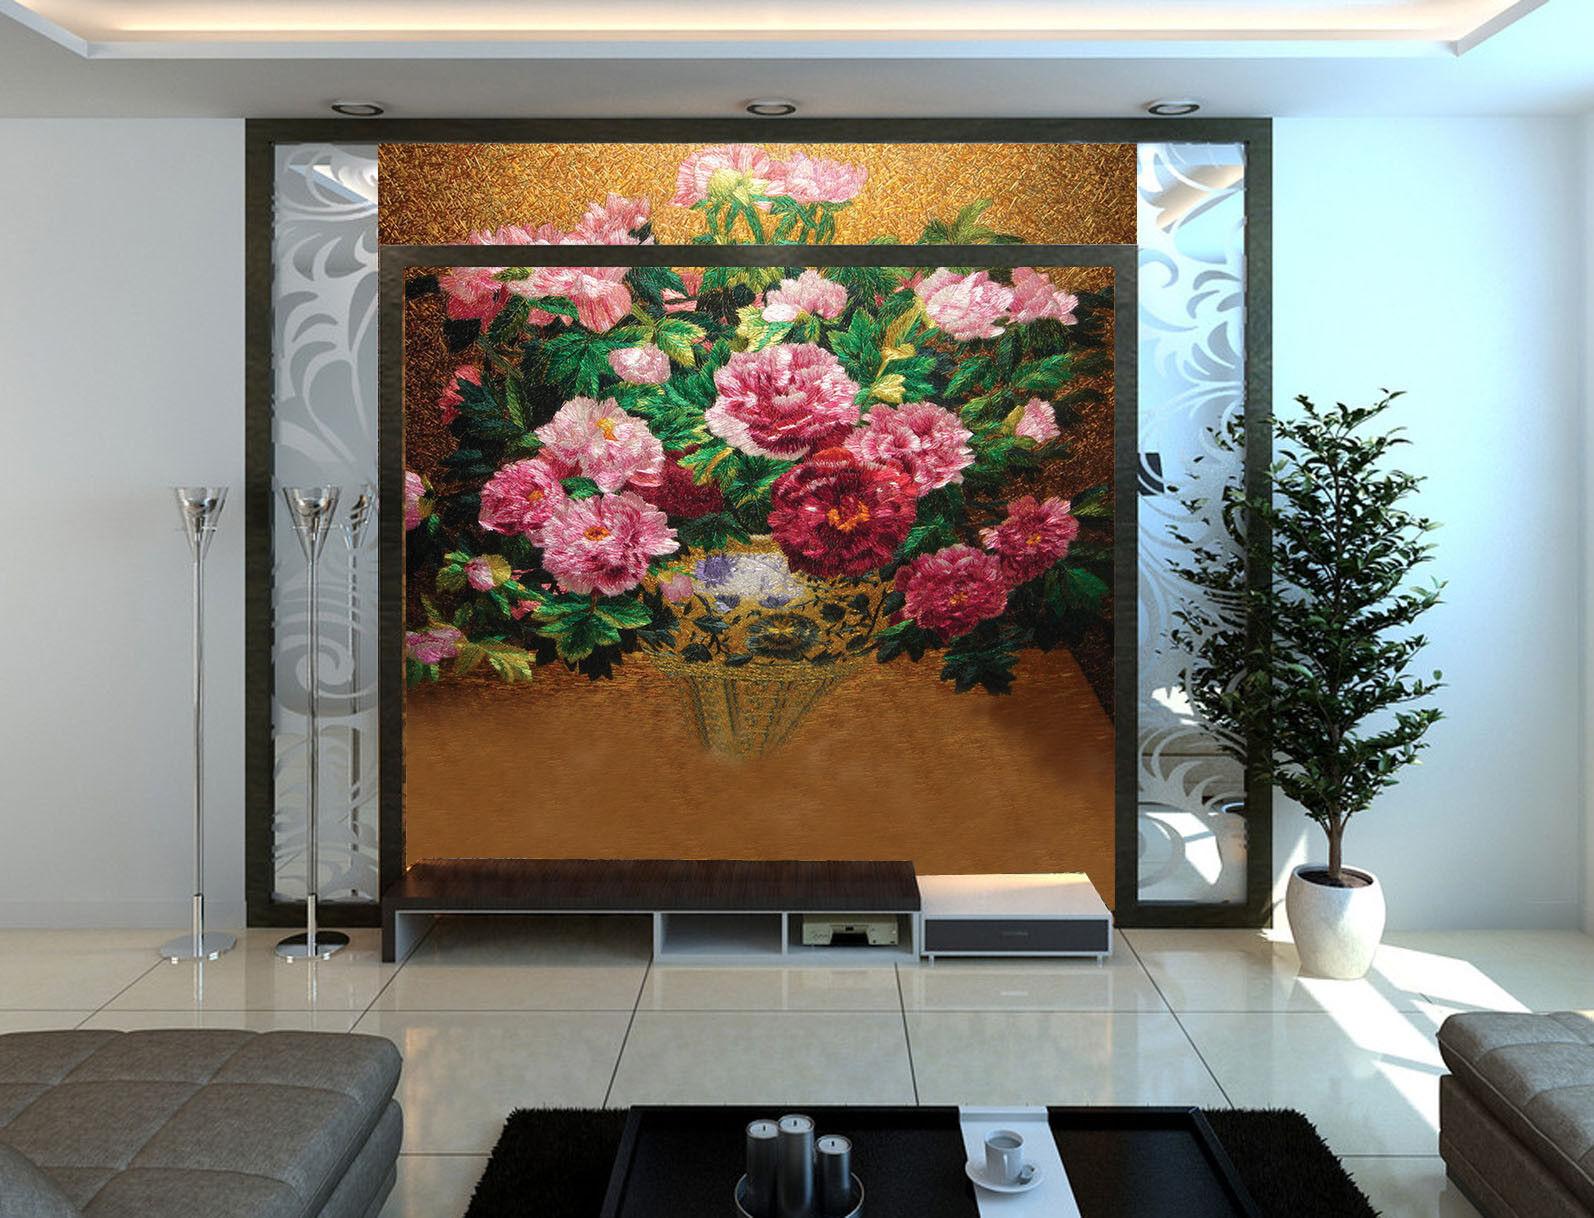 3D Elegante PfingstRosa 976 976 976 Tapete Wandgemälde Tapete Tapeten Bild Familie DE | Online-Shop  10610f